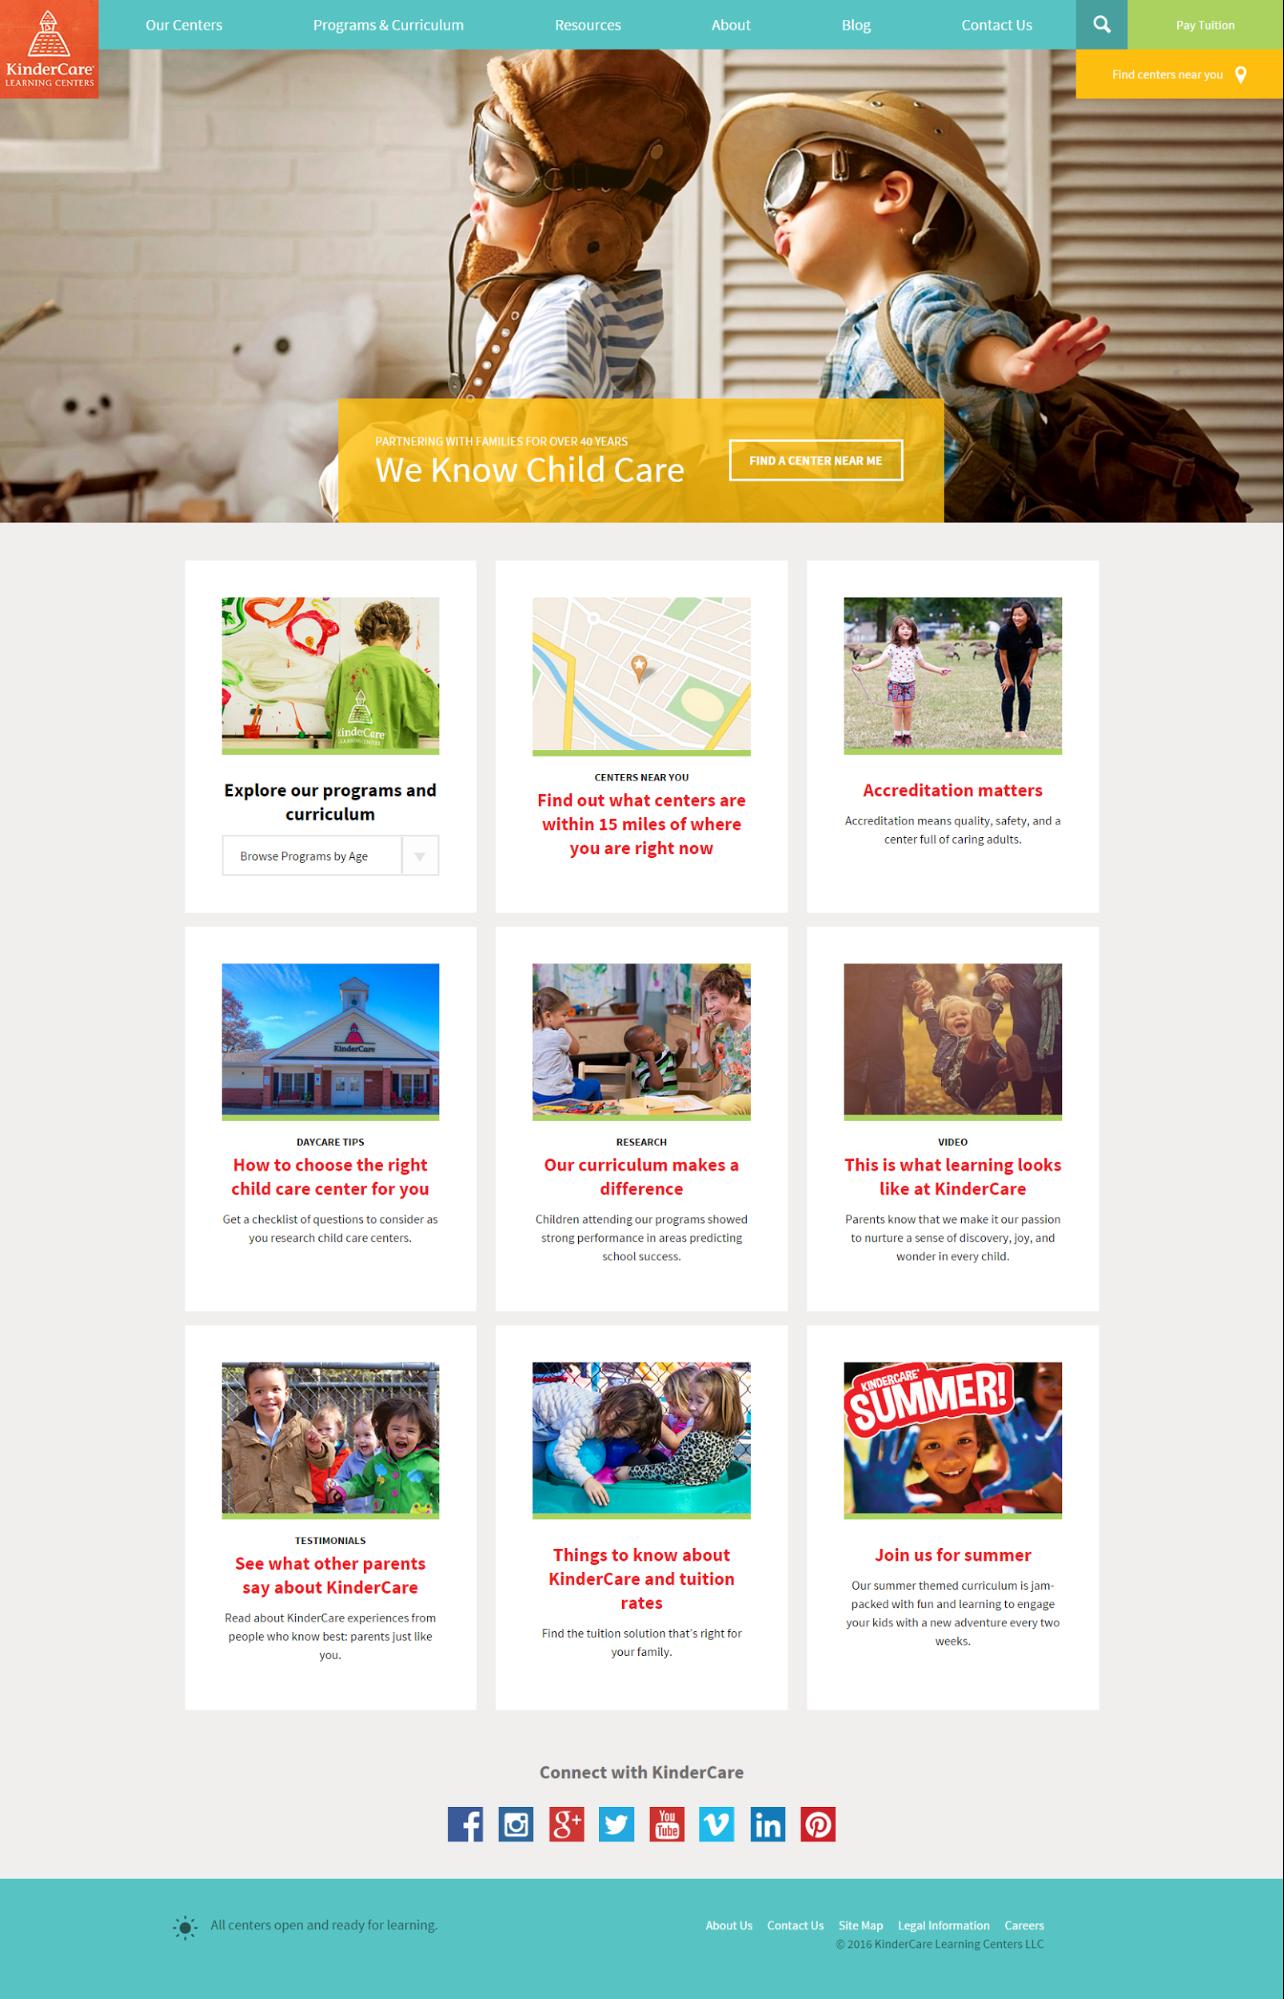 kindercare.com